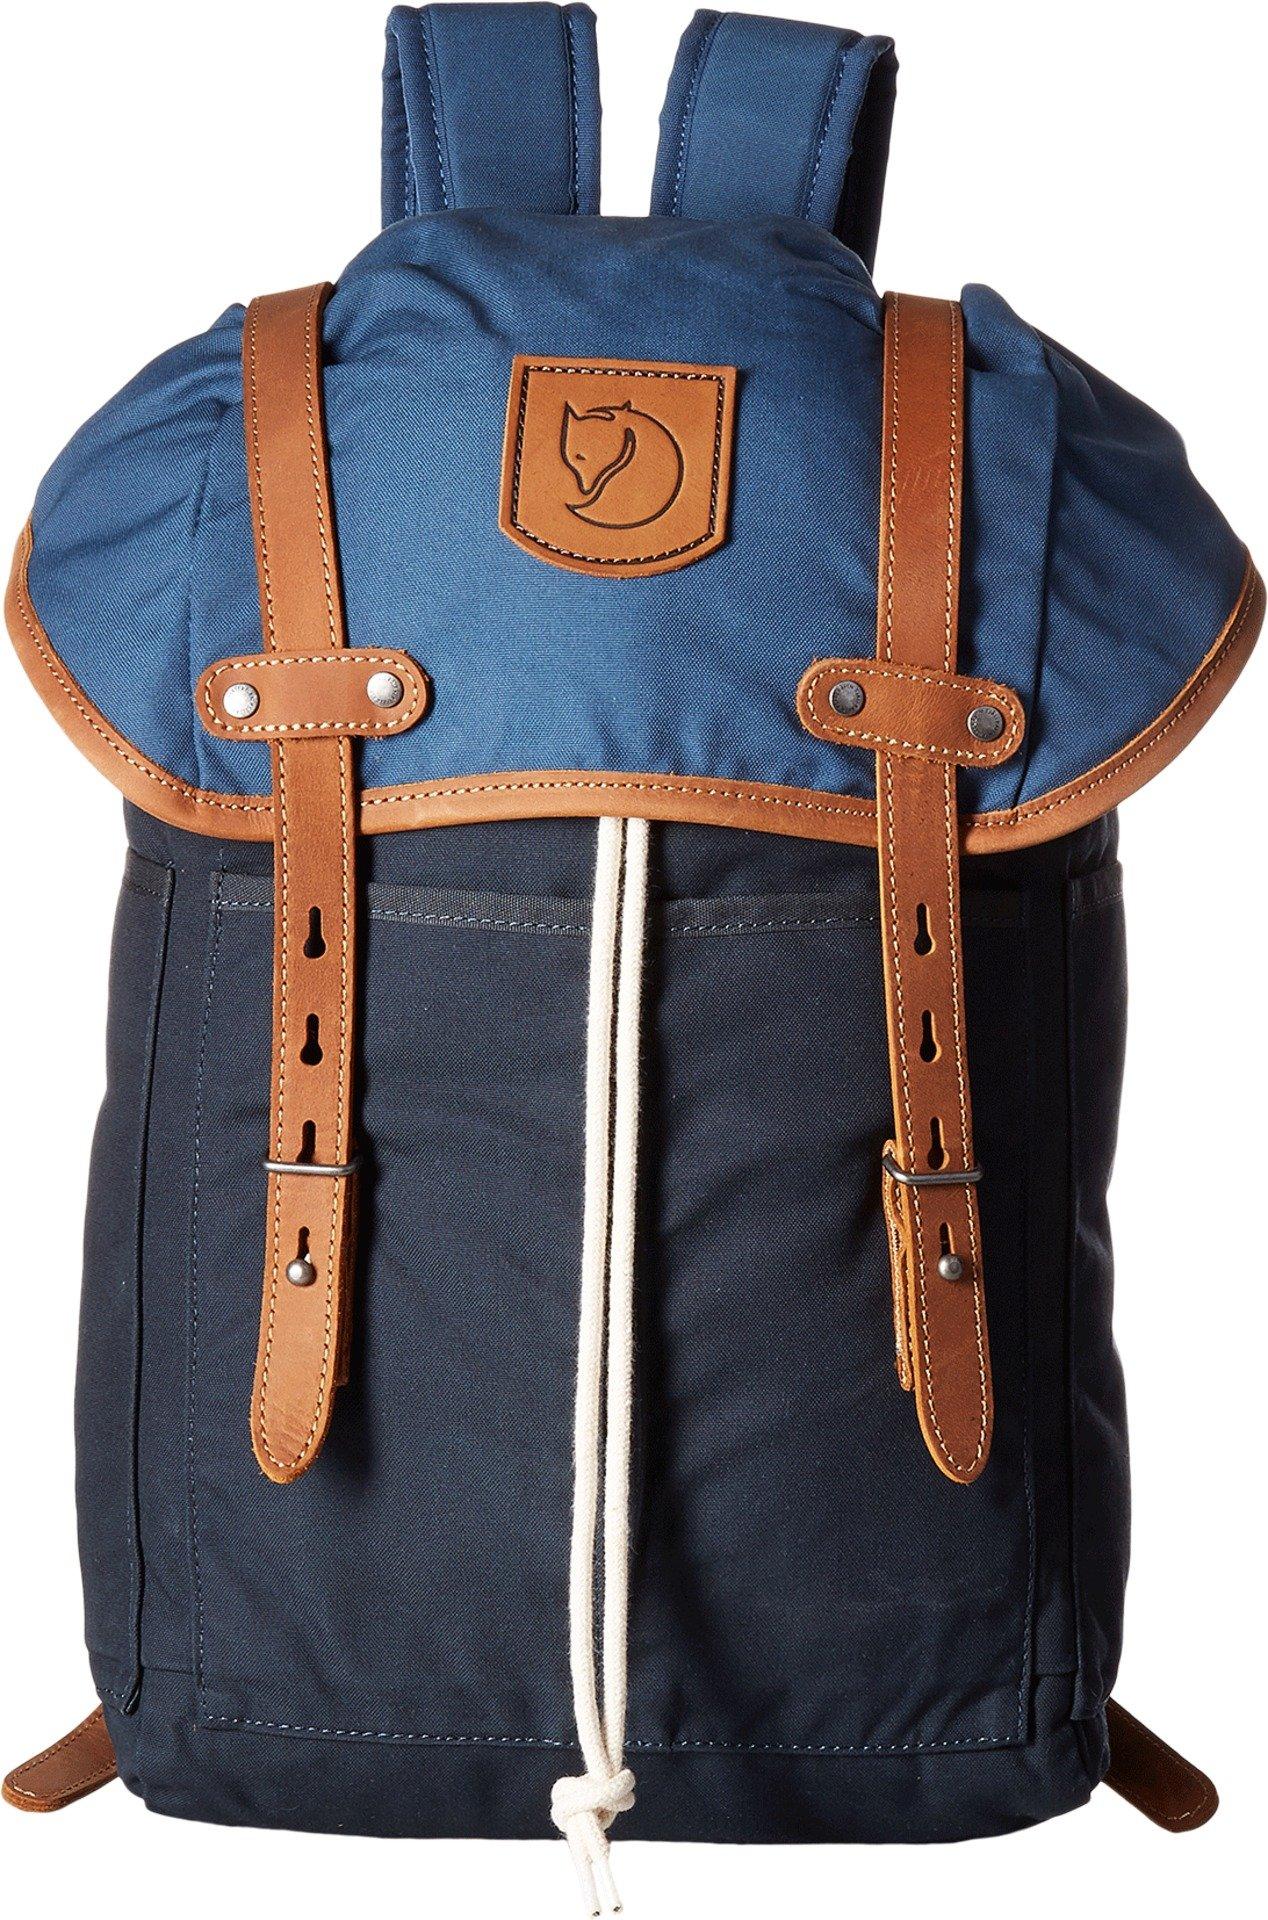 Fjällräven Unisex Rucksack No. 21 Small Dark Navy/Uncle Blue Backpack